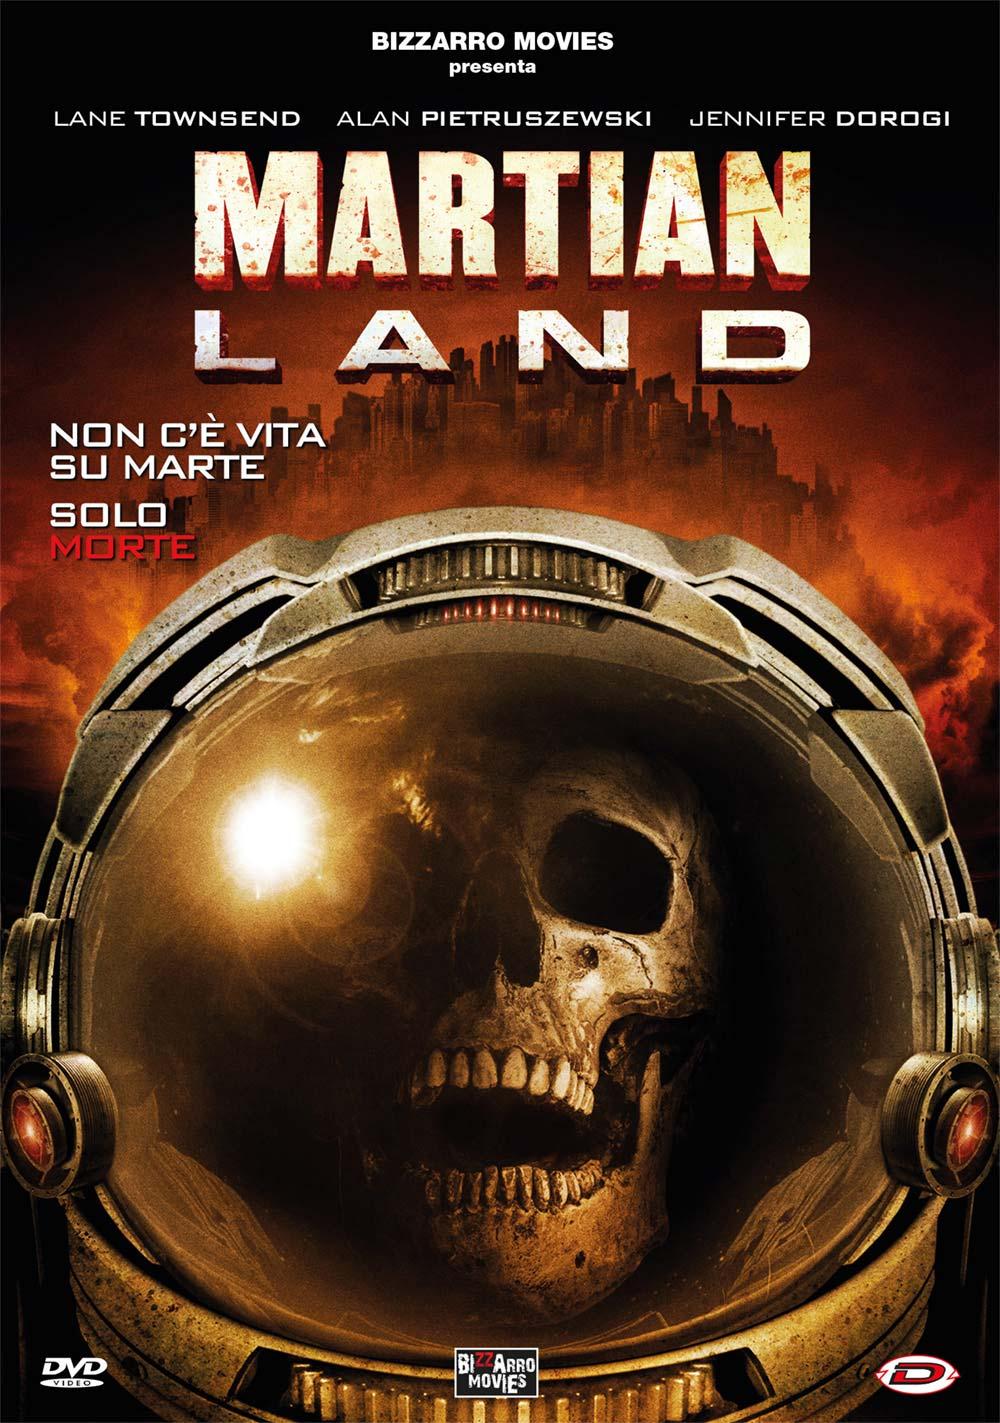 MARTIAN LAND (DVD)